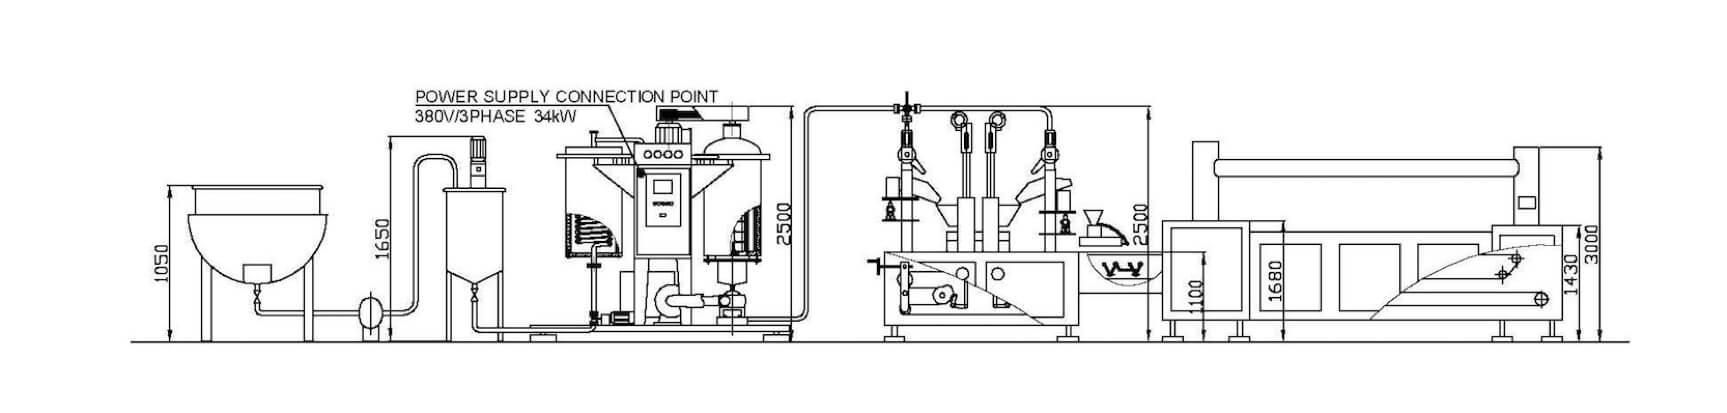 deposited-lollipop-production-line-gdl